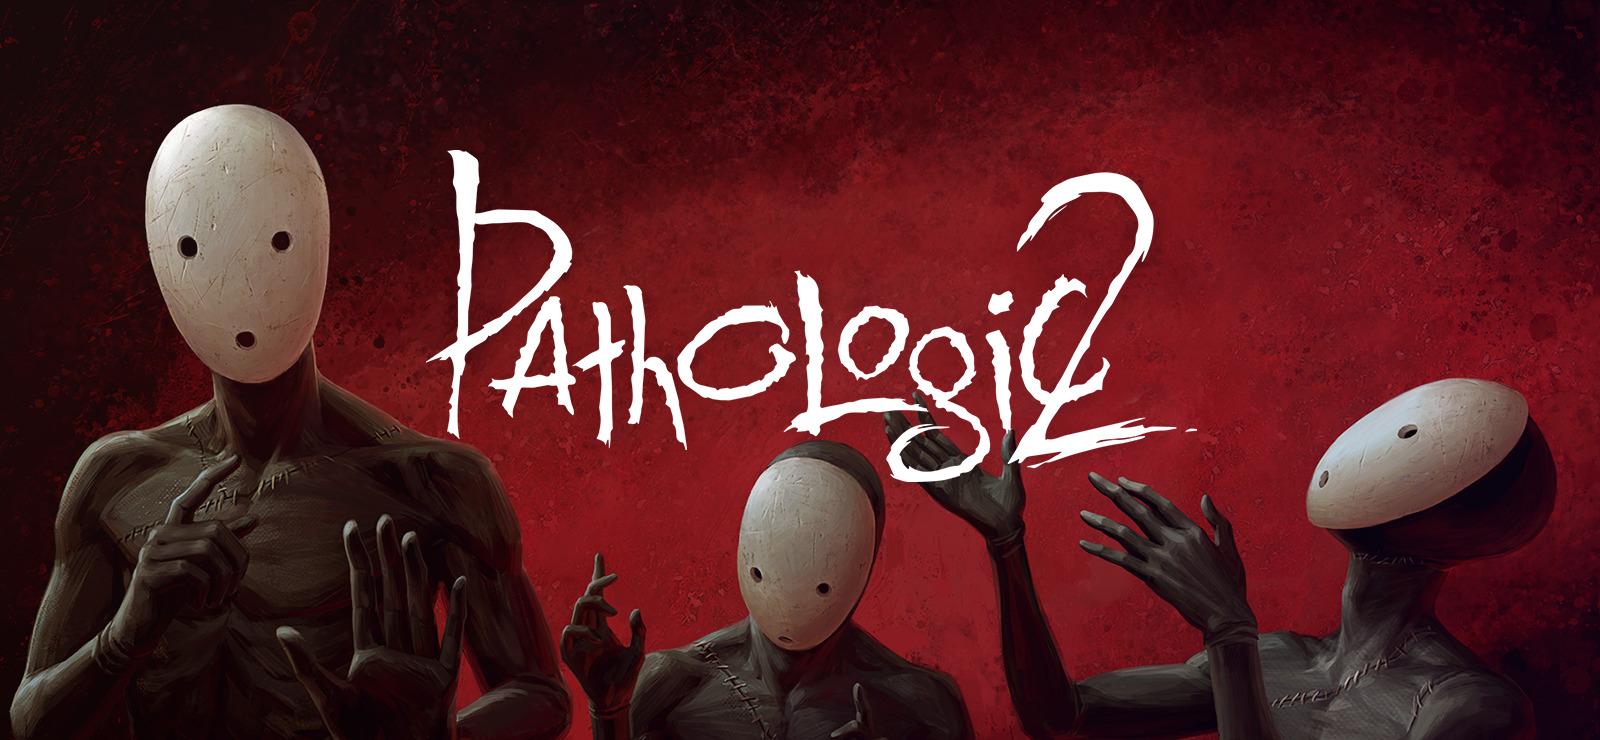 Pathologic 2 + x2 DLC GOG скачать последнюю версию